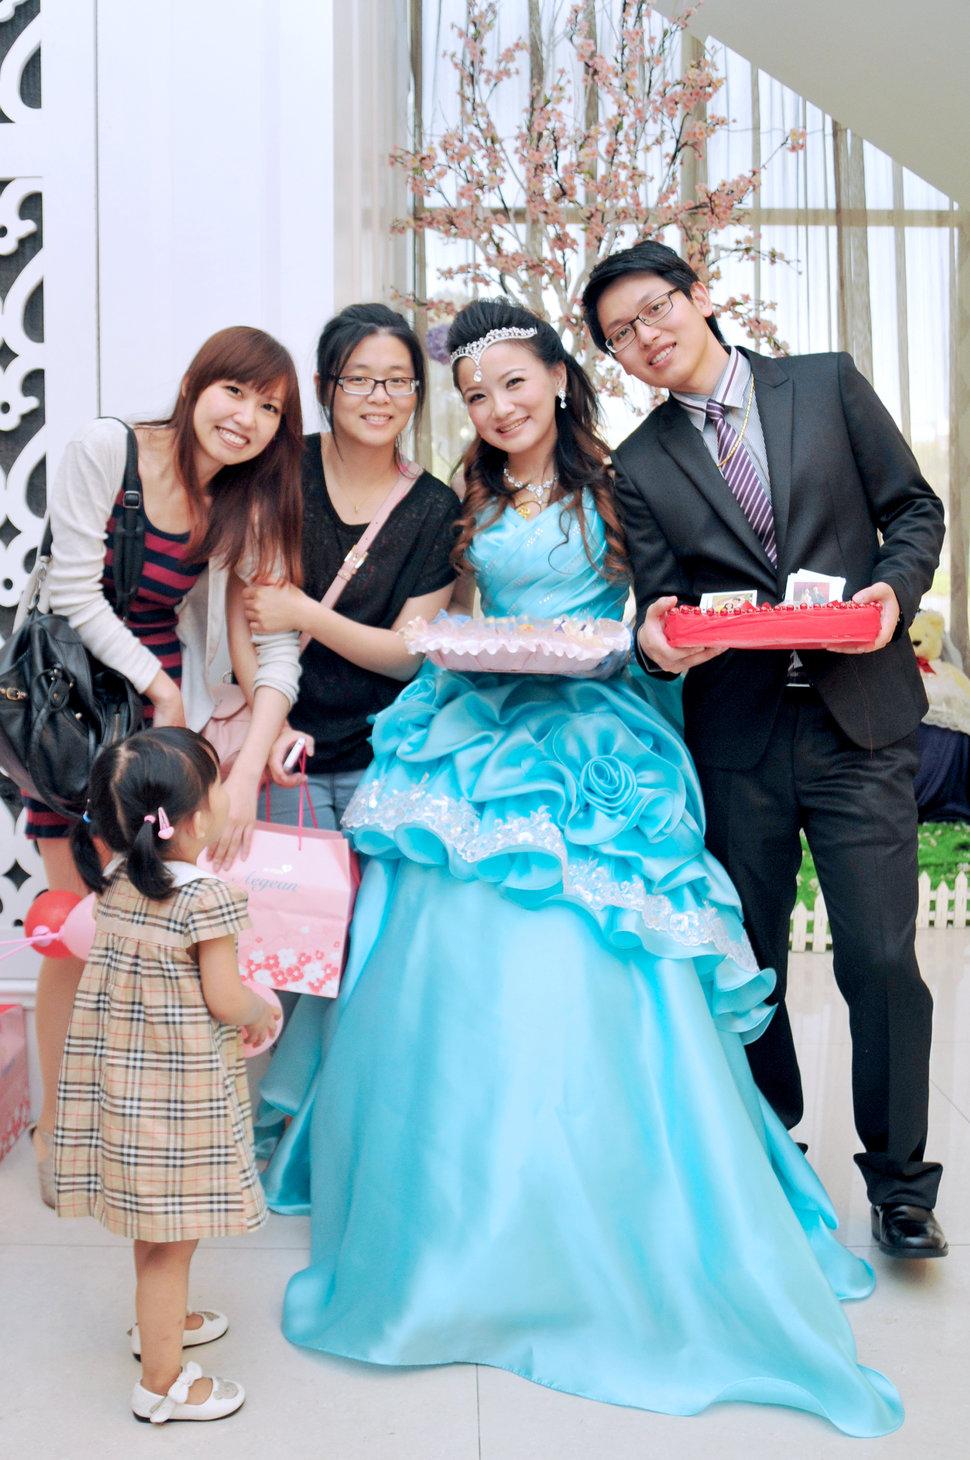 登璿&湘敏 文定_059 - 克里斯 婚禮紀錄 - 結婚吧